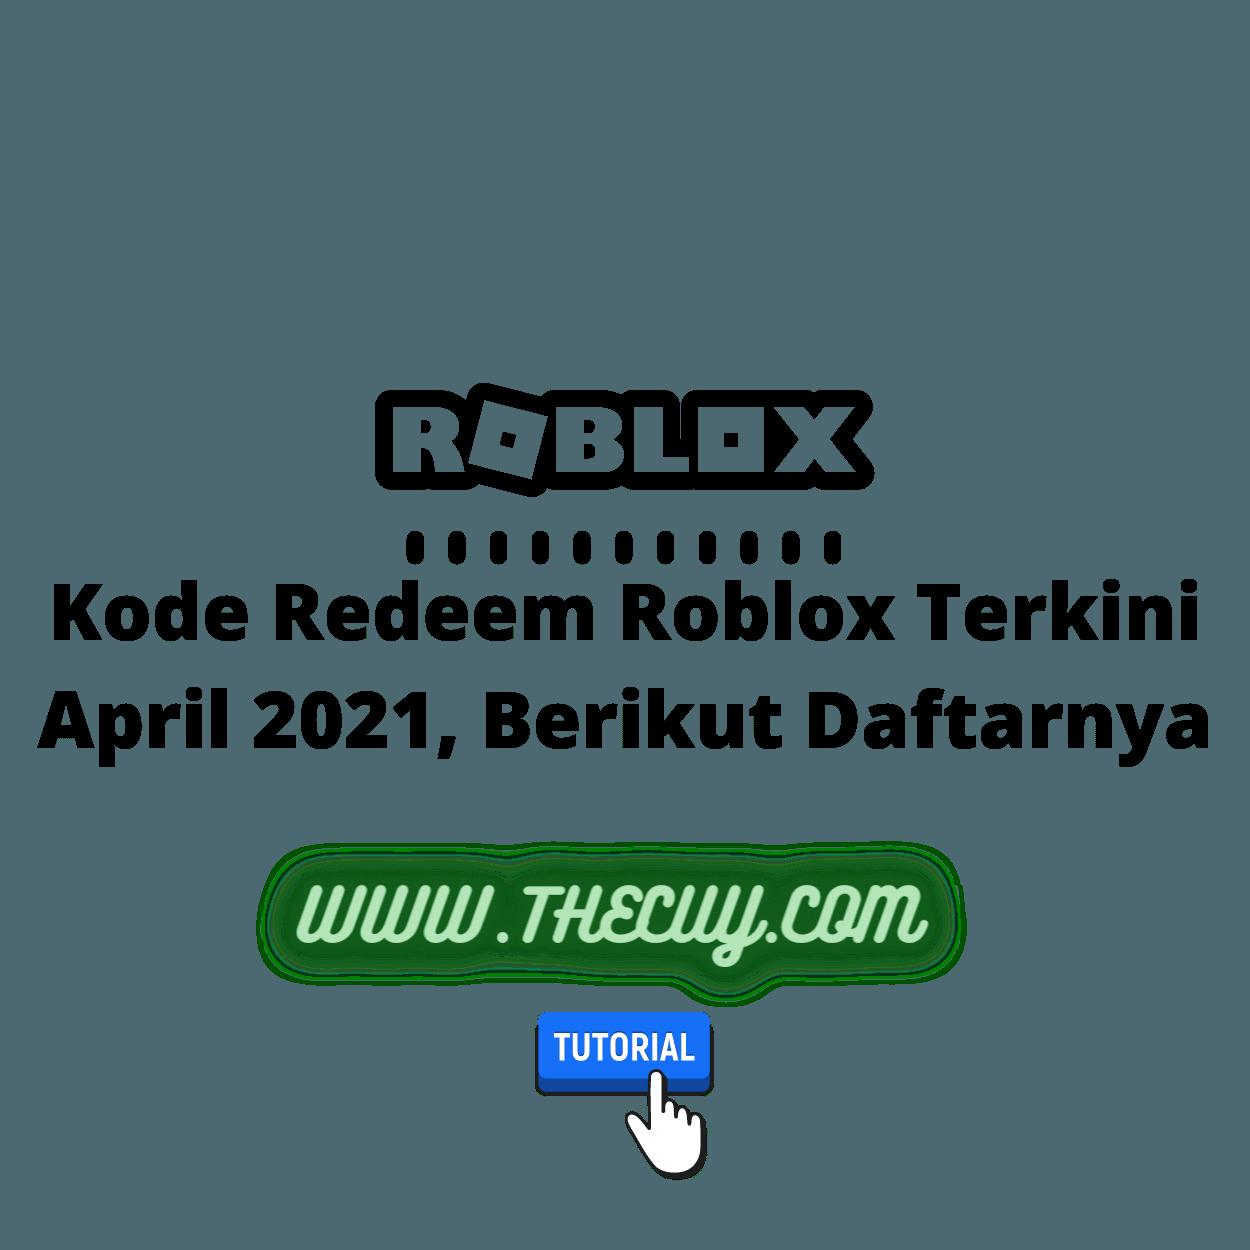 Kode Redeem Roblox Terkini April 2021, Berikut Daftarnya